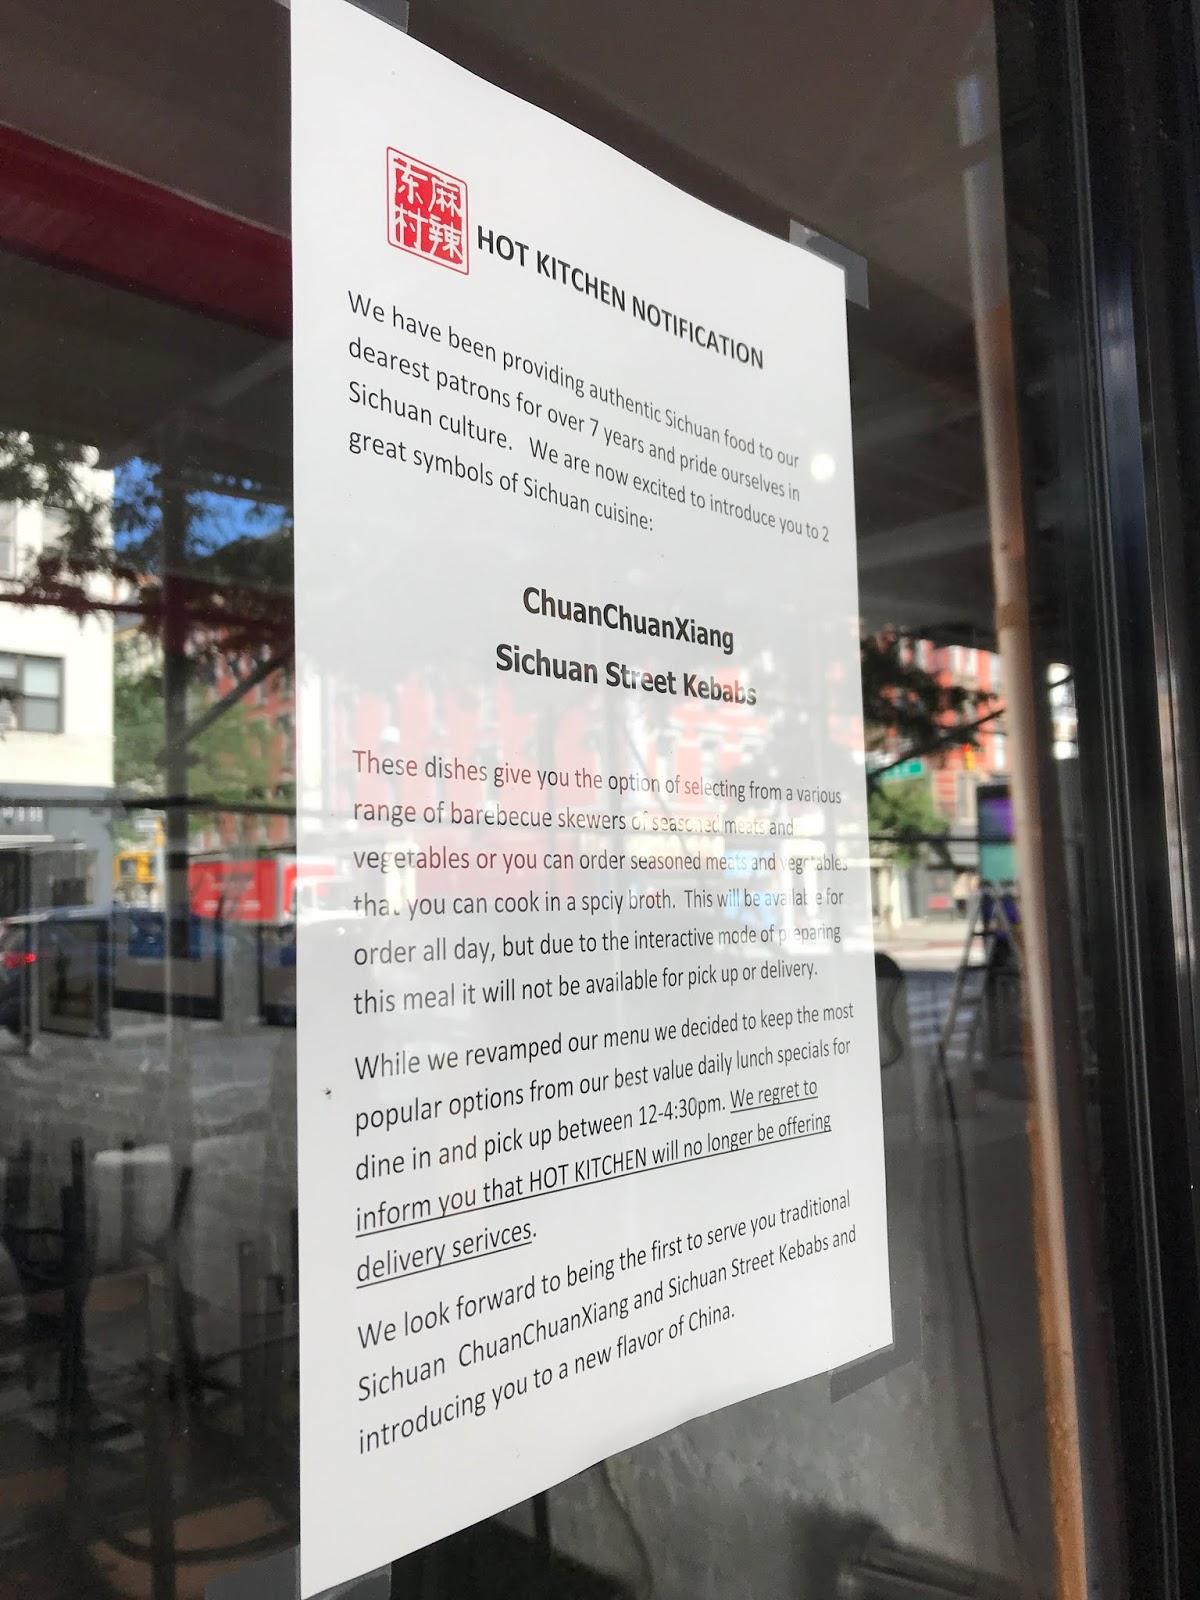 EV Grieve: Hot Kitchen will no longer offer deliveries